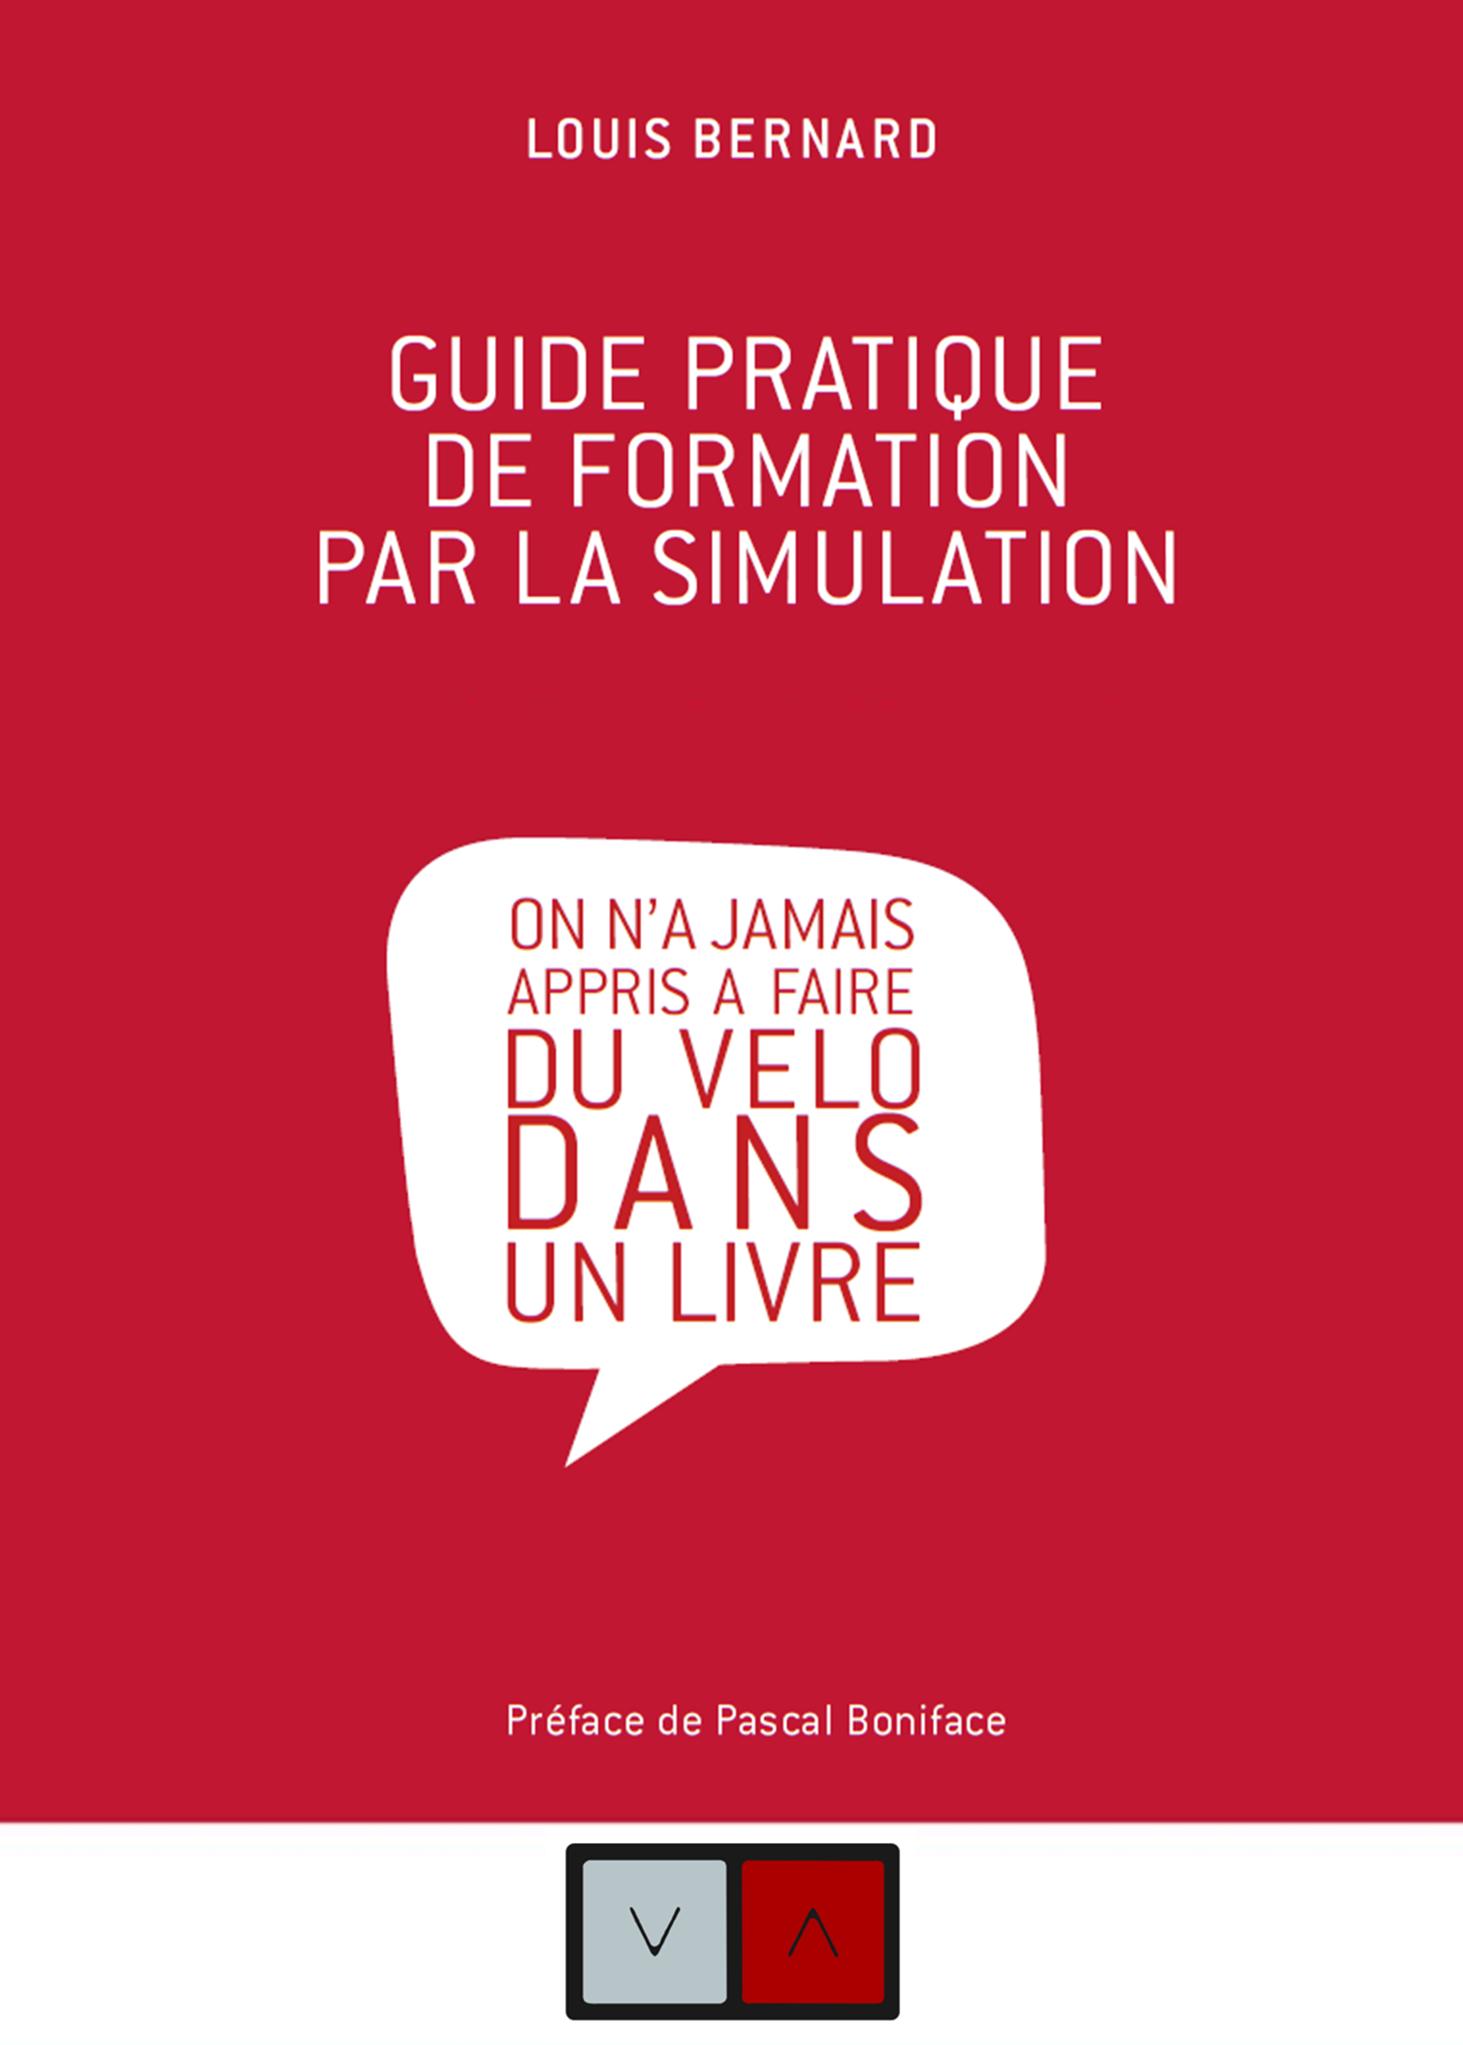 """""""Apprendre en simulant"""" par Louis Bernard, auteur du """"Guide pratique de formation par la simulation"""""""